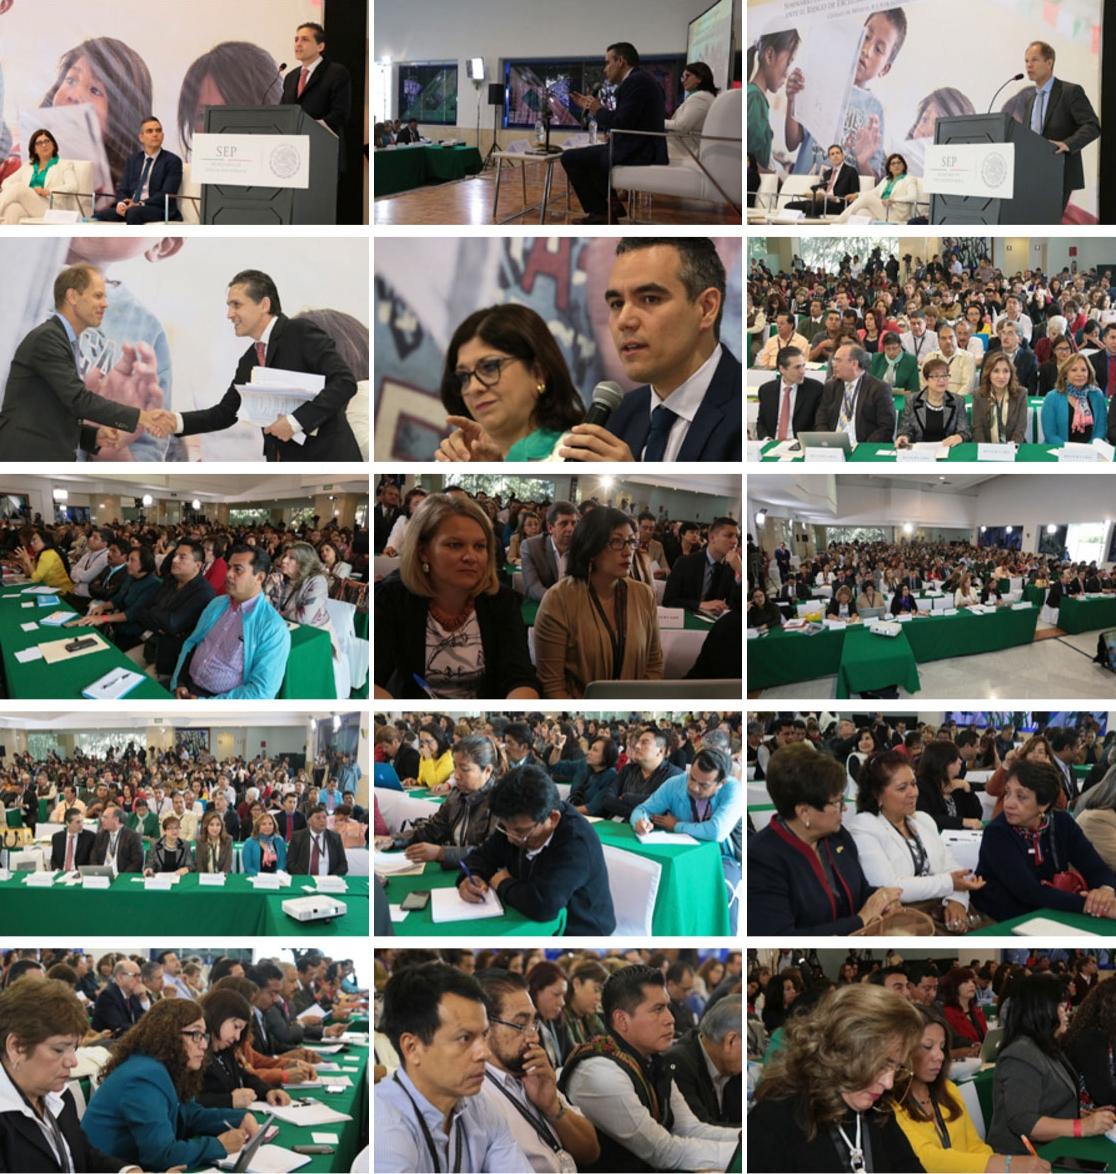 SEP y UNICEF llevan a cabo el Seminario Internacional sobre buenas prácticas educativas ante el riesgo de exclusión de niñas, niños y adolescentes